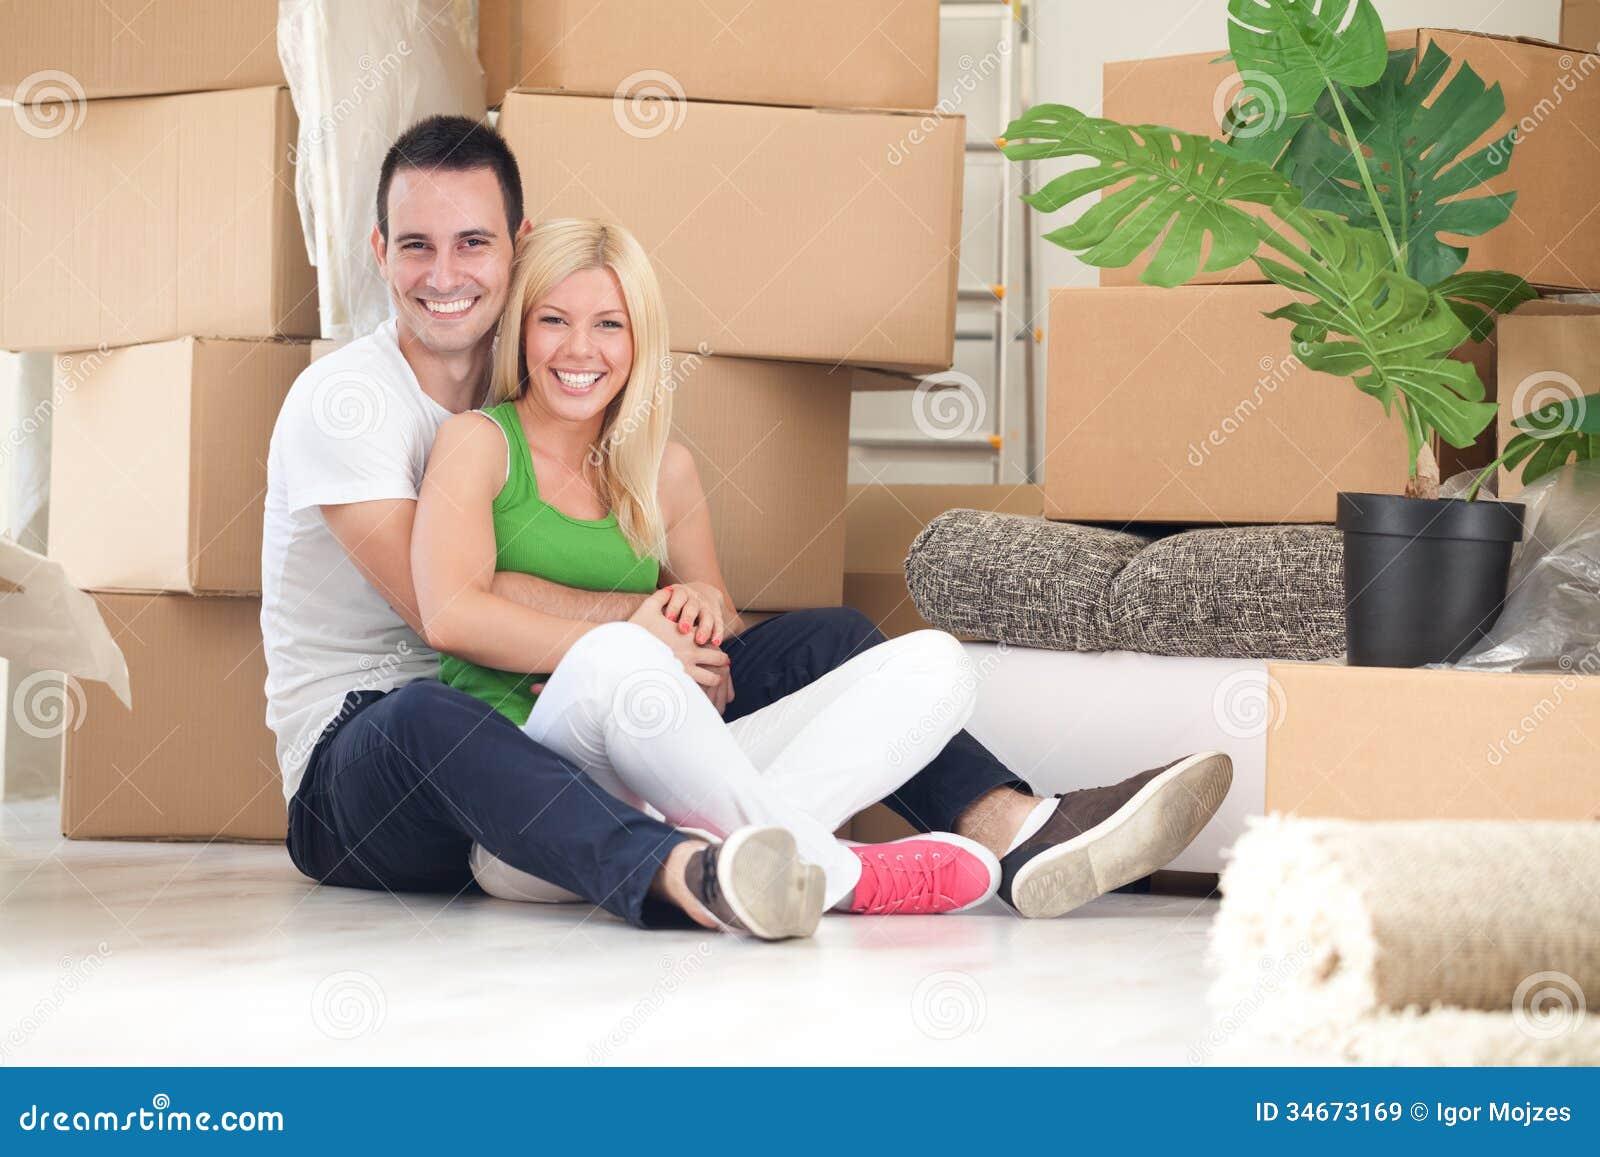 Giovani coppie felici per la loro nuova casa